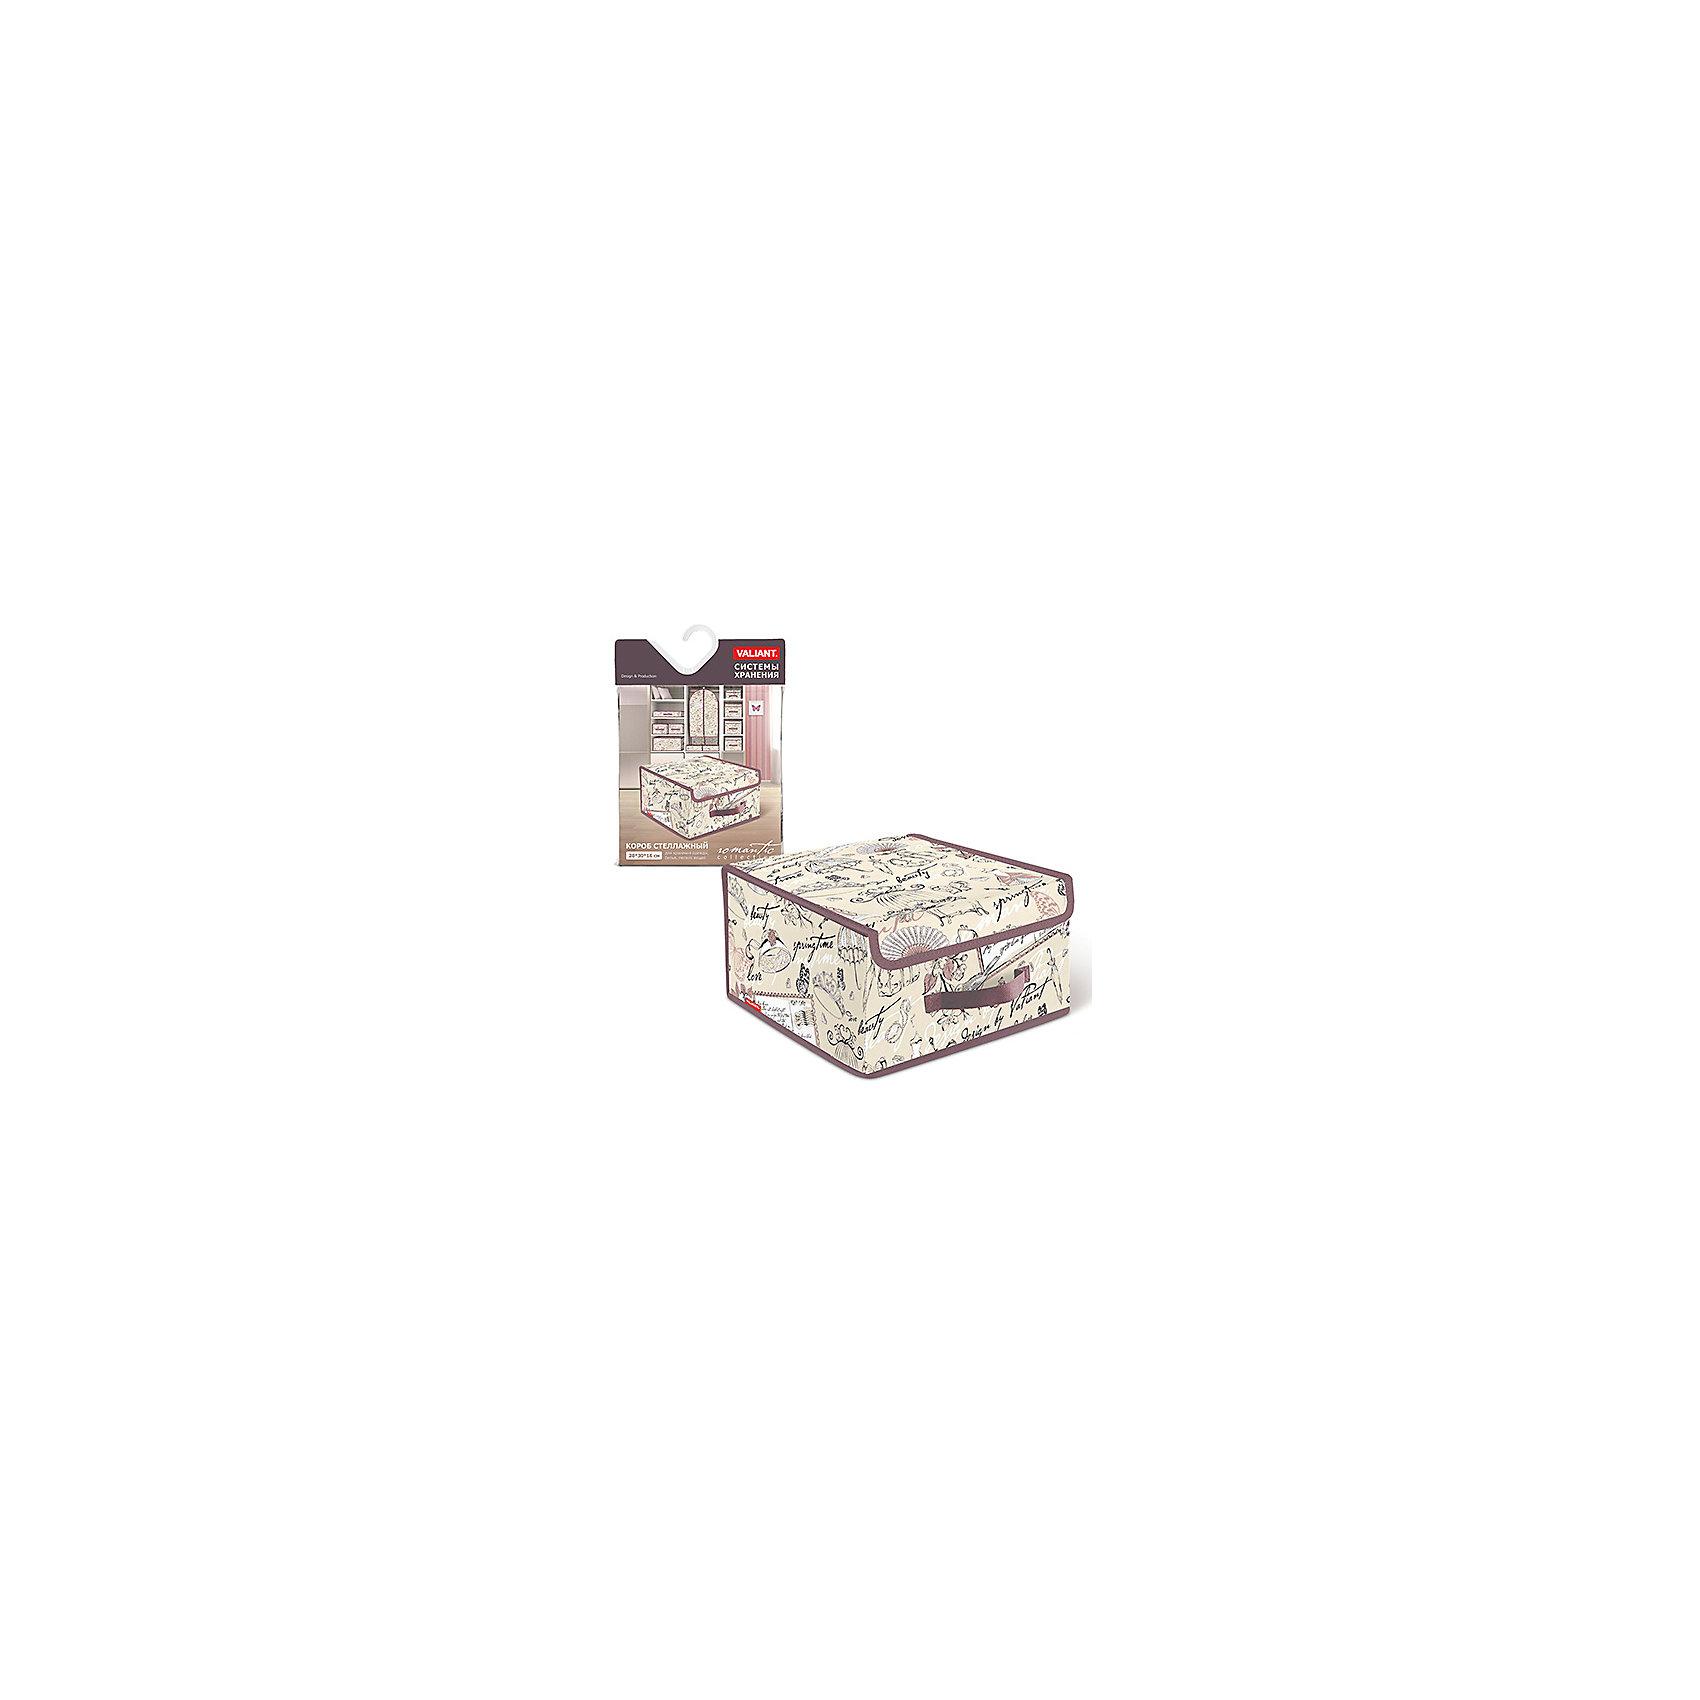 Короб стеллажный с крышкой, малый, 28*30*16 см, ROMANTIC, ValiantПорядок в детской<br>Короб стеллажный с крышкой, малый, 28*30*16 см, ROMANTIC, Valiant (Валиант) – это идеальное решение для хранения белья и мелких вещей.<br>Стеллажный короб ROMANTIC от Valiant (Валиант) оможет организовать пространство на полках, избавит от беспорядка и спрячет вещи от посторонних глаз. Он изготовлен из высококачественного нетканого материала, который обеспечивает естественную вентиляцию, позволяя воздуху проникать внутрь, но не пропускает пыль. Вставки из плотного картона хорошо держат форму. Крышка короба фиксируется с помощью специальных магнитов. Наличие ручки позволяет удобно размещать короб на полке. Изделие отличается мобильностью: легко раскладывается и складывается. Короб ROMANTIC оформлен оригинальным нежным, изящным рисунком, который гармонично смотрится в женском гардеробе. Стеллажный короб ROMANTIC от Valiant (Валиант) создаст трогательную атмосферу романтического настроения и станет незаменимым аксессуаром.<br><br>Дополнительная информация:<br><br>- Размер: 28х30х16 см.<br>- Материал: нетканый материал, картон<br>- Цвет: пепельно-розовый, сиреневый<br><br>Короб стеллажный с крышкой, малый, 28*30*16 см, ROMANTIC, Valiant (Валиант) можно купить в нашем интернет-магазине.<br><br>Ширина мм: 300<br>Глубина мм: 25<br>Высота мм: 400<br>Вес г: 431<br>Возраст от месяцев: 36<br>Возраст до месяцев: 1080<br>Пол: Унисекс<br>Возраст: Детский<br>SKU: 4993461